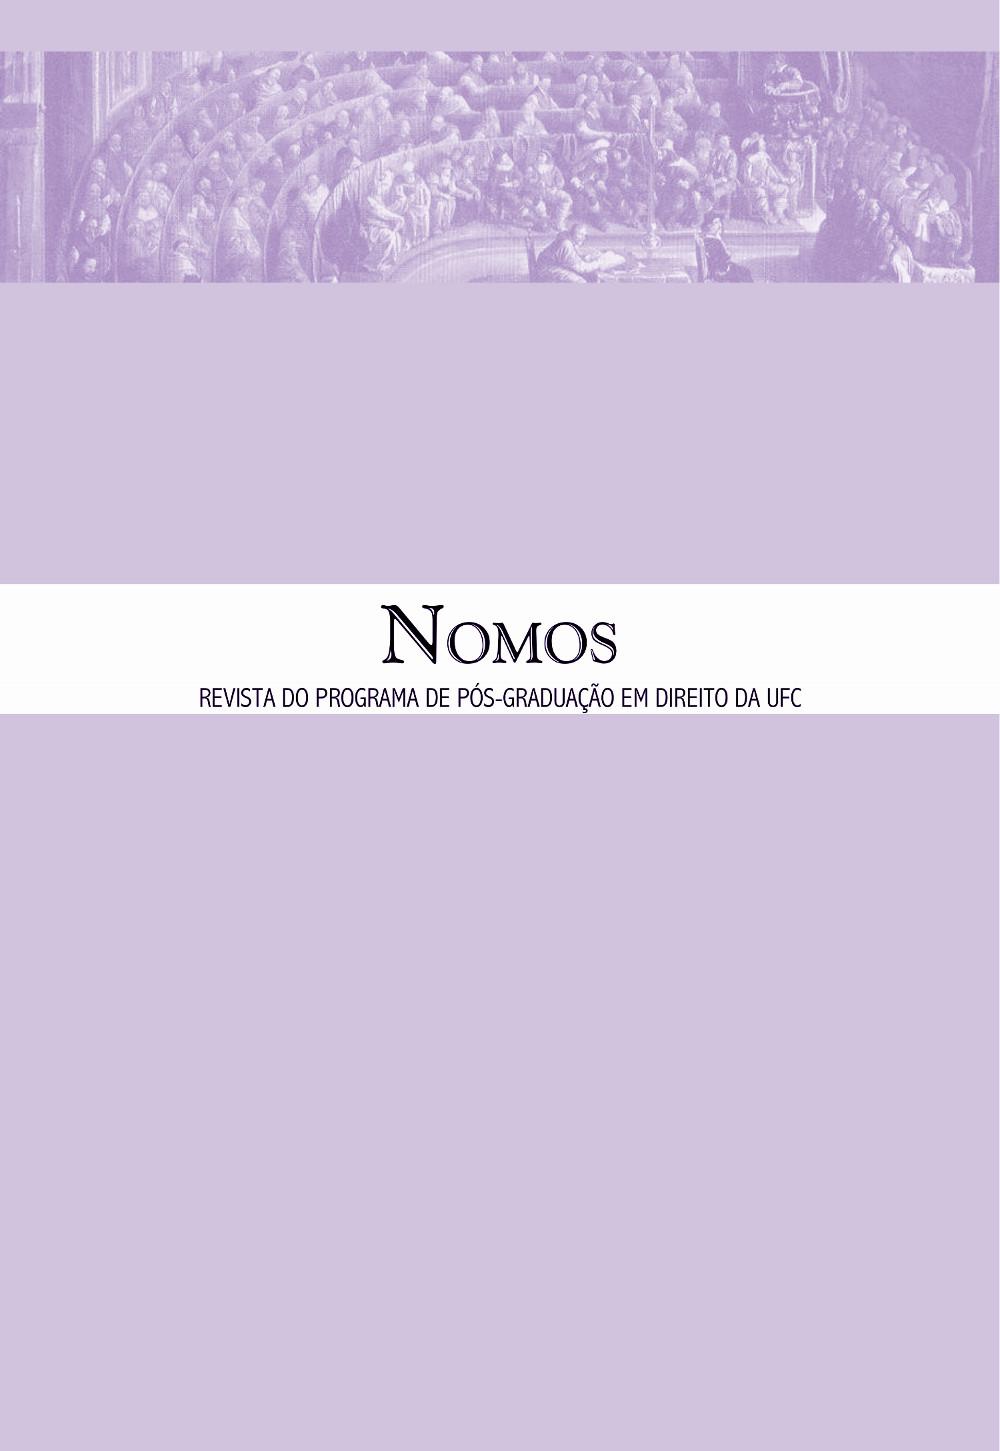 Nomos, volume 37, número 1, janeiro a junho de 2017